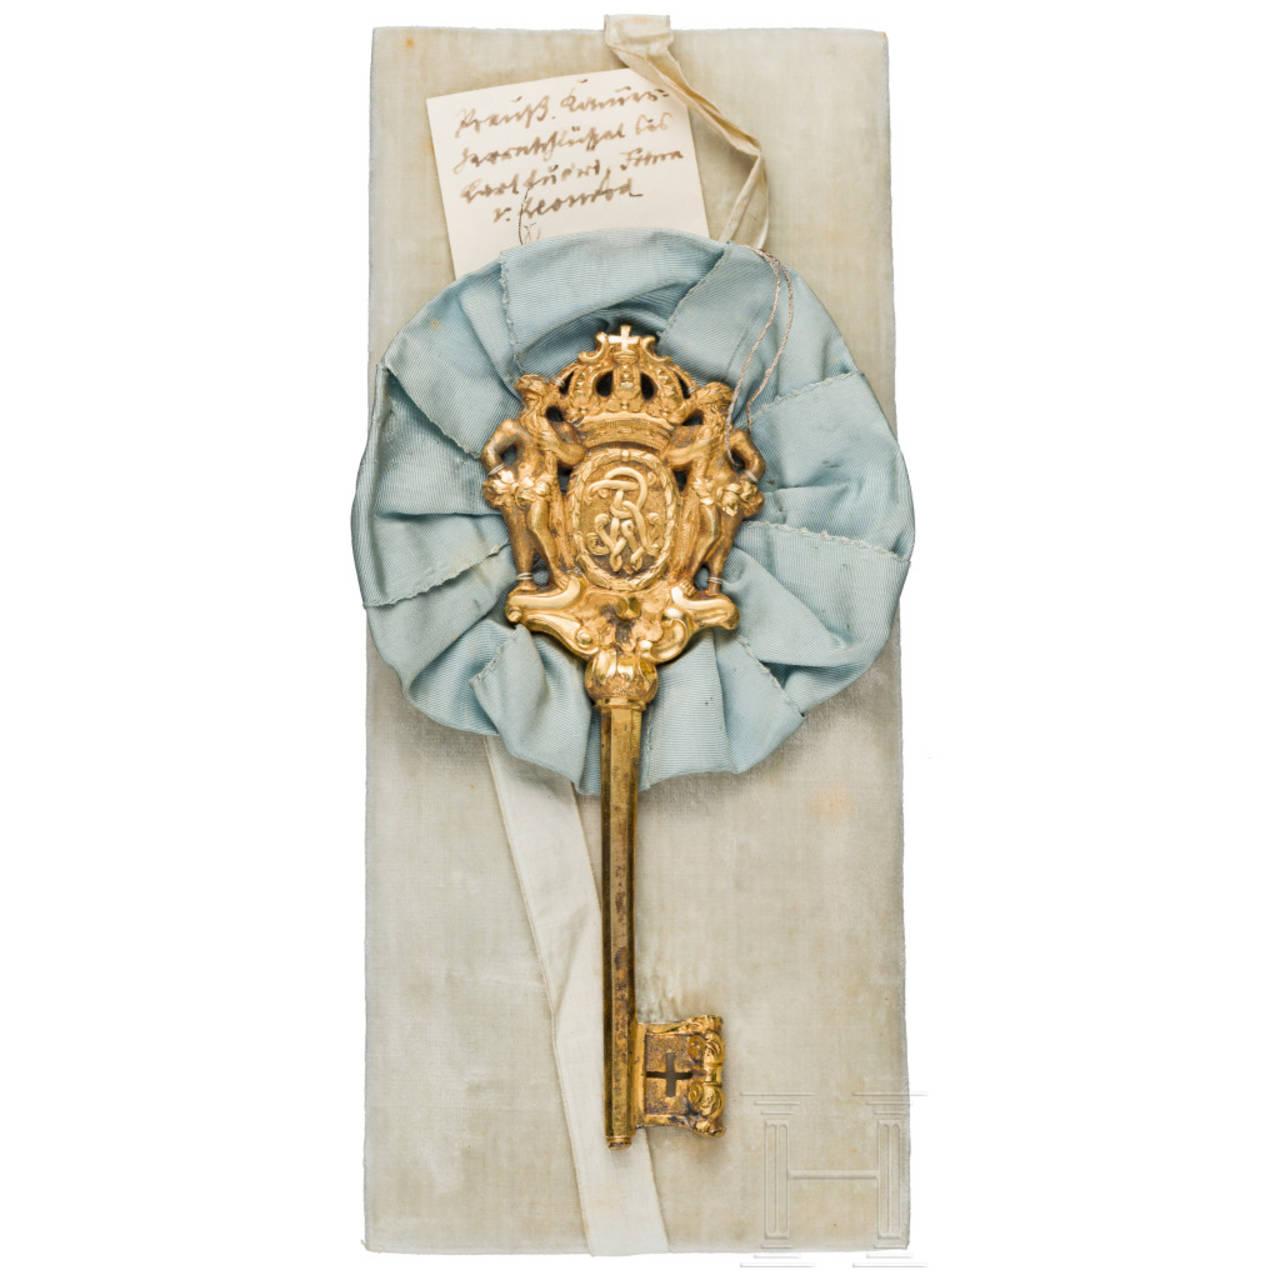 Ludwig Freiherr von Leonrod – A Royal Prussian chamberlain's key